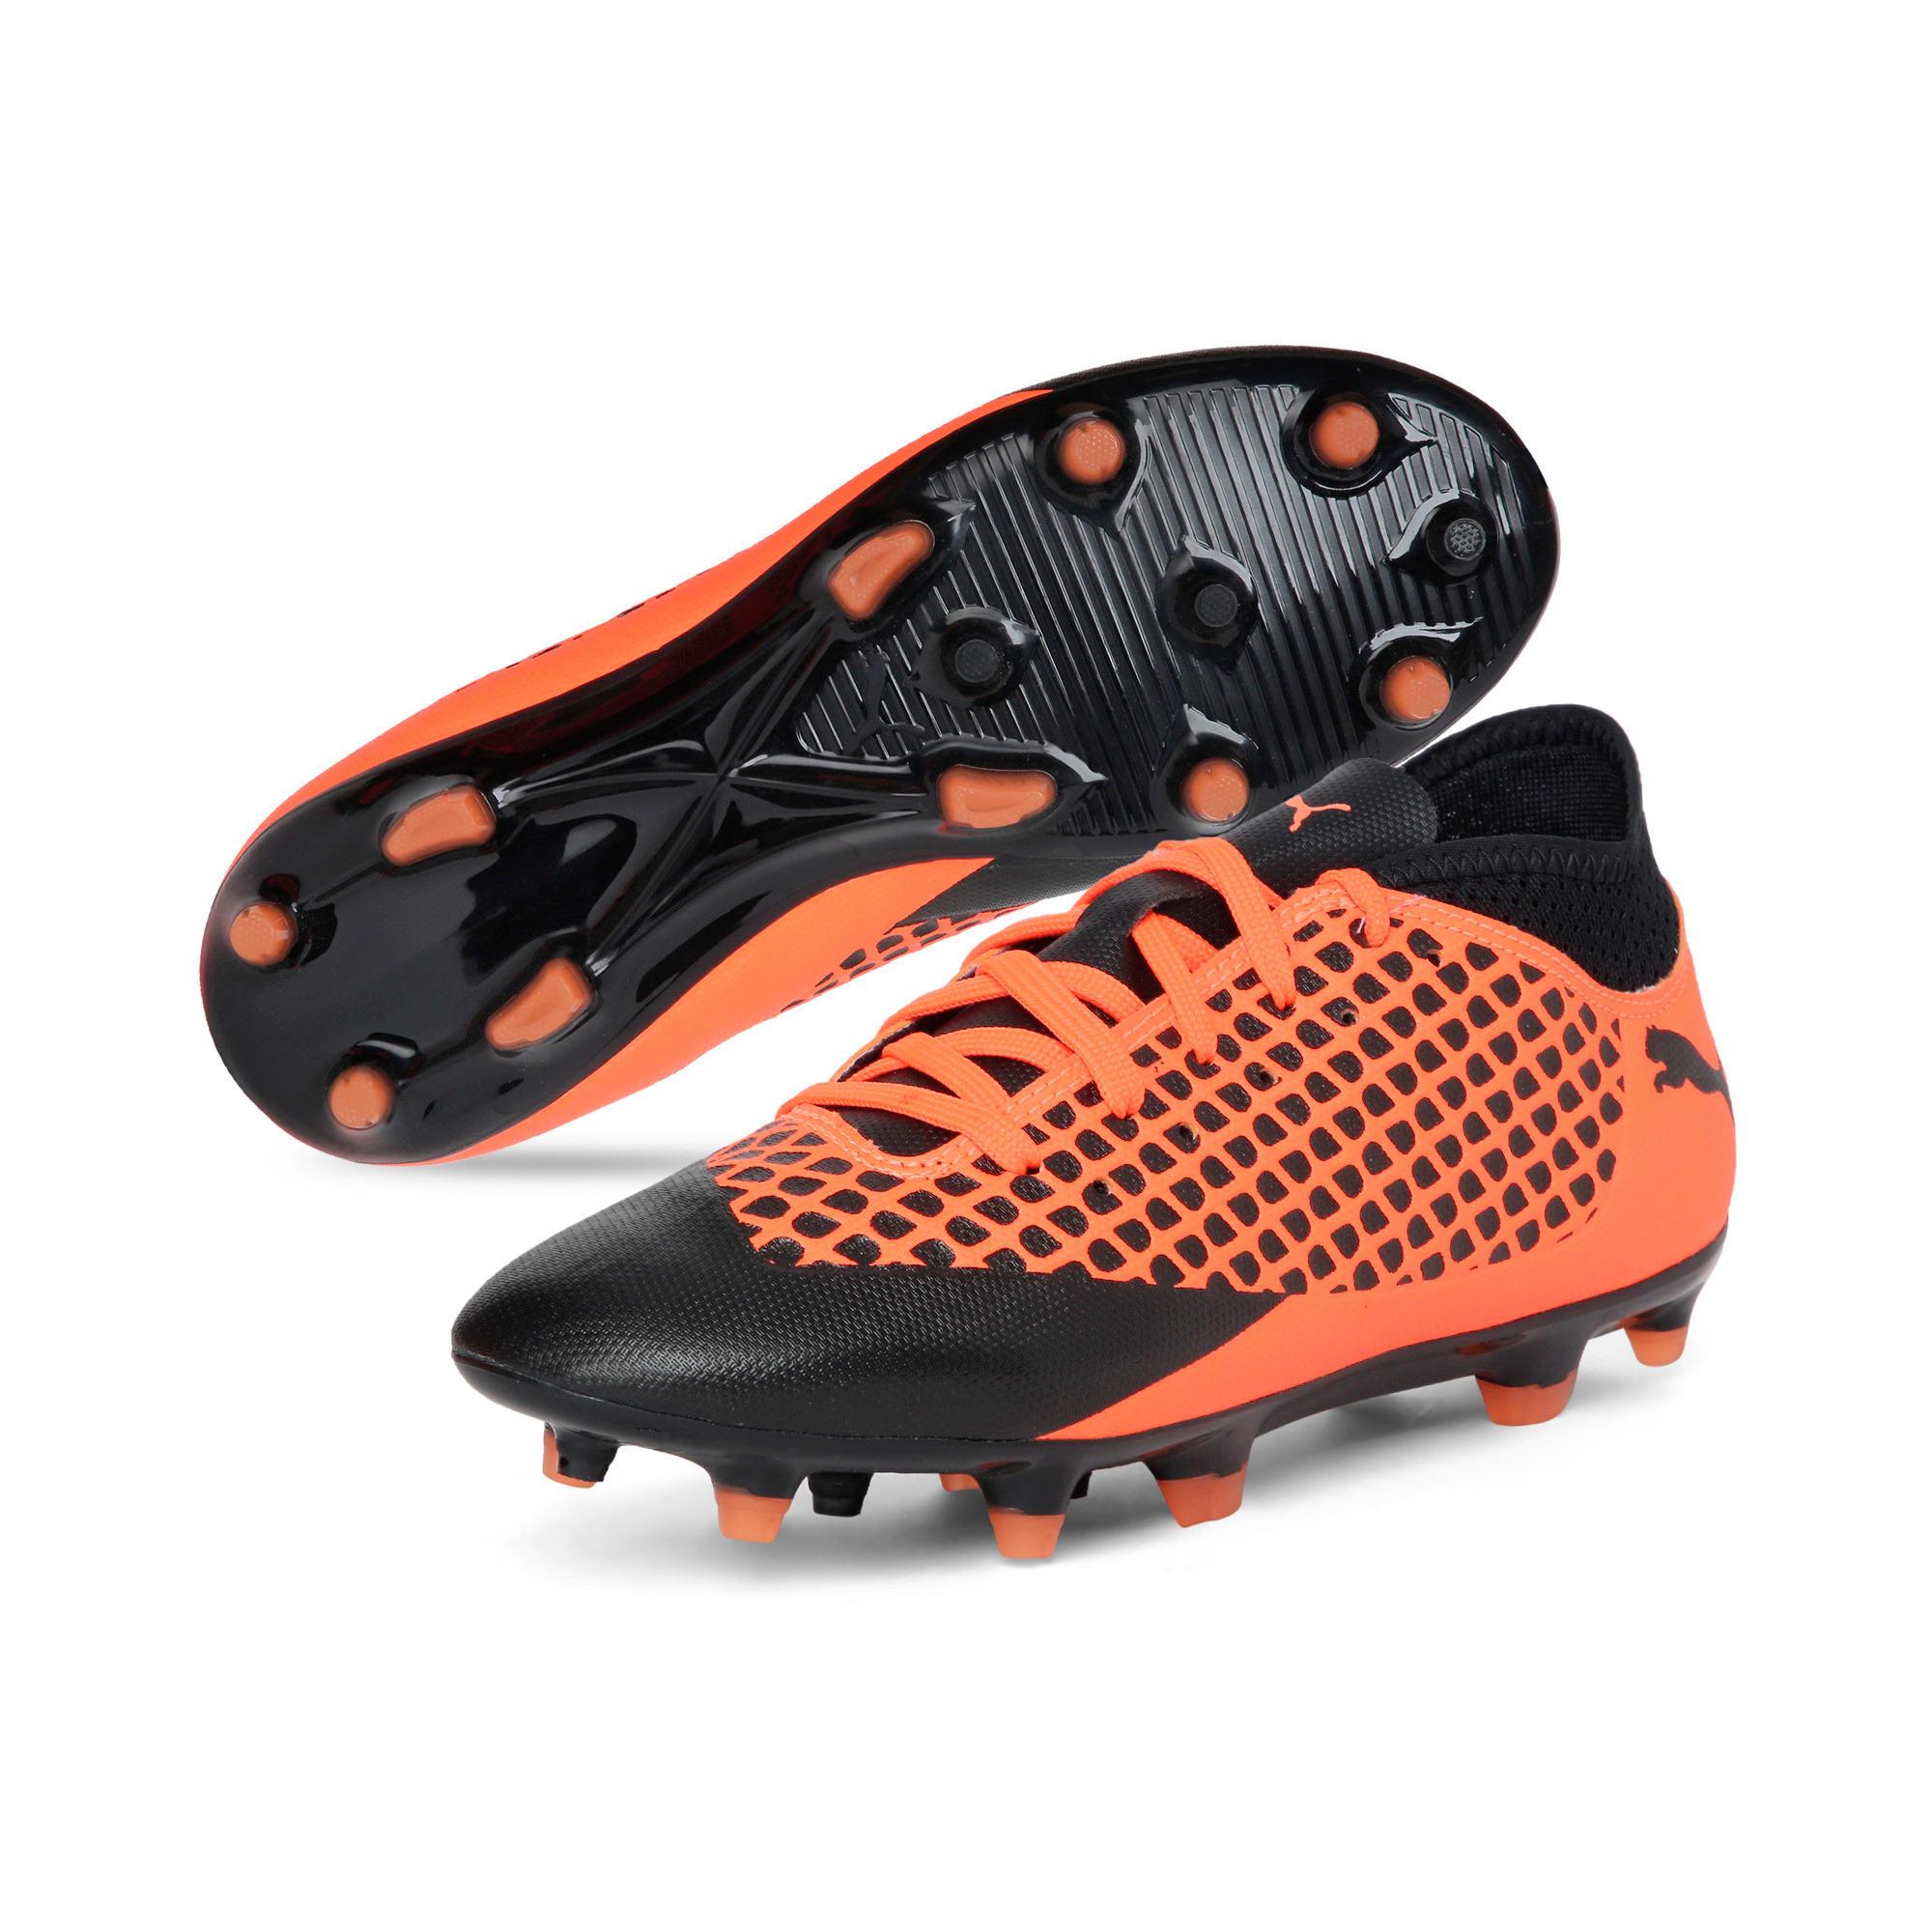 Thumbnail 2 of FUTURE 2.4 FG/AG Kids' Football Boots, Black-Orange, medium-IND